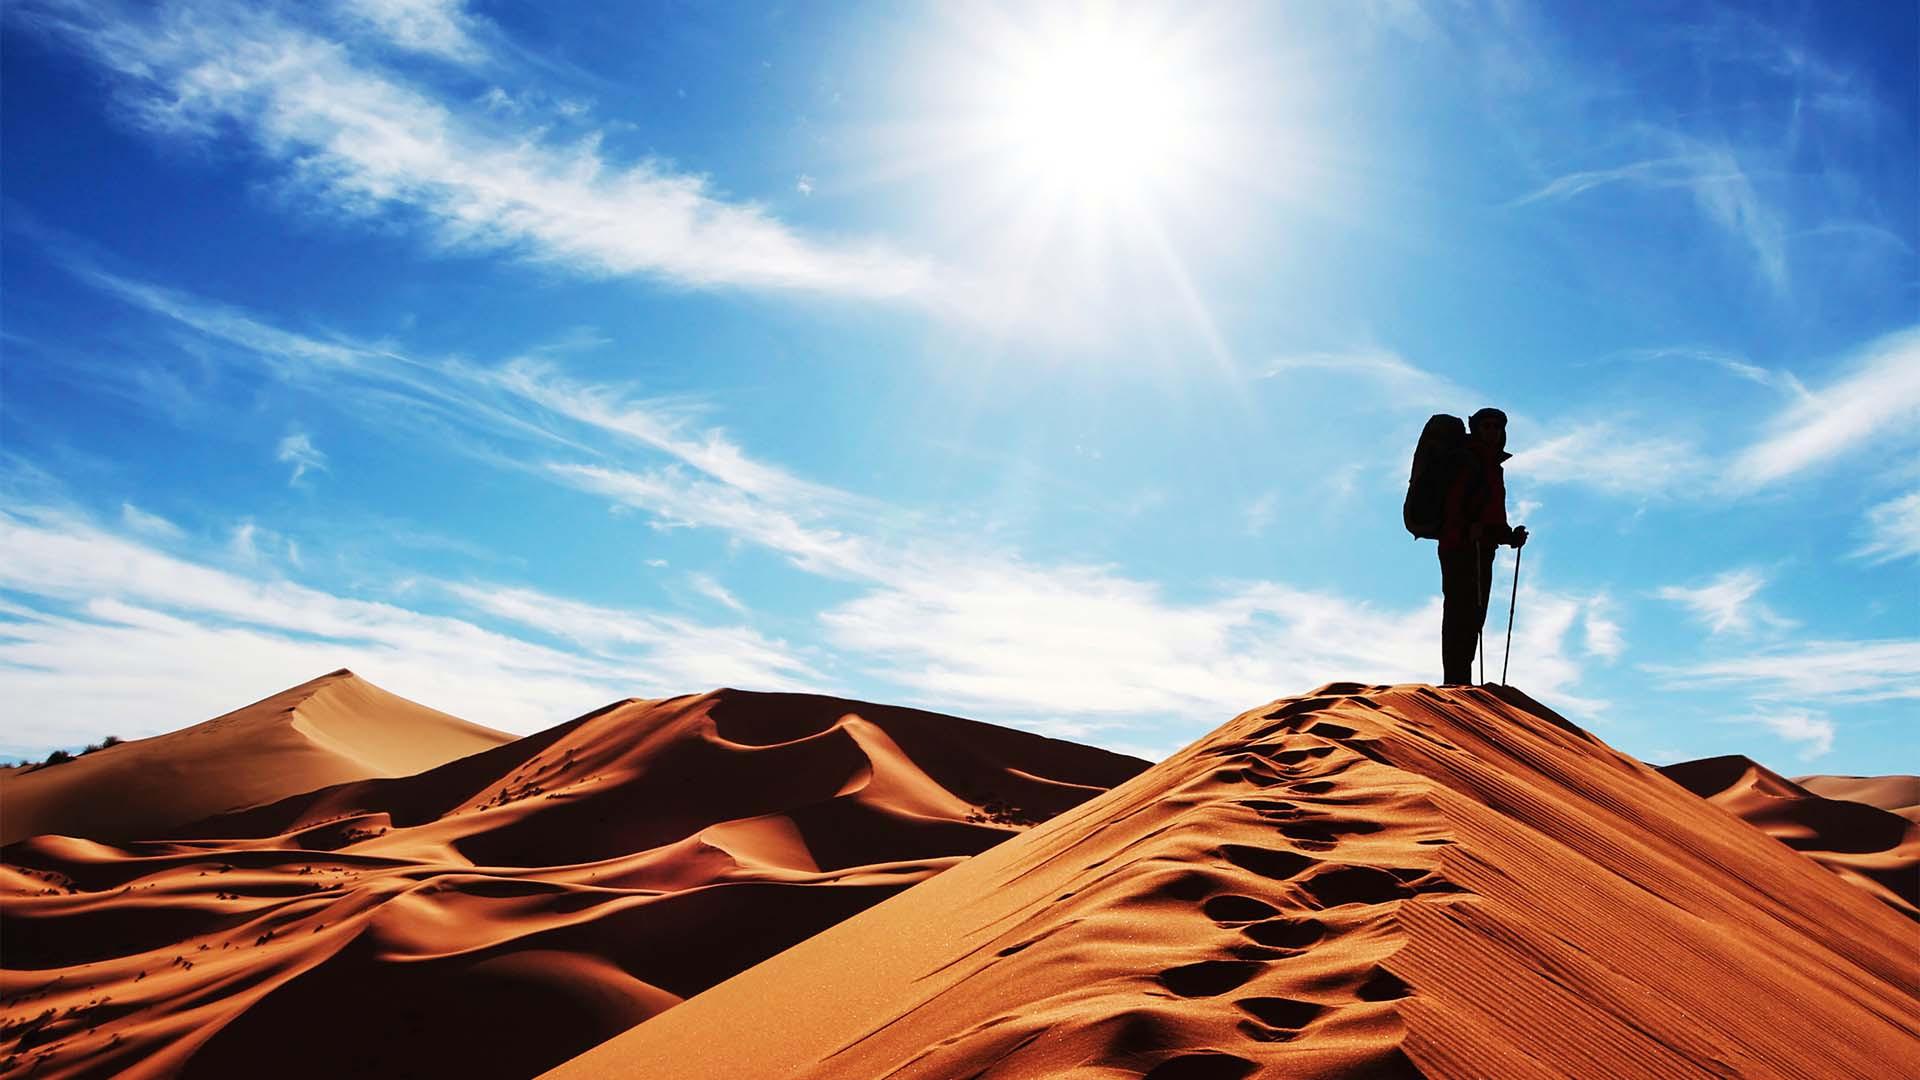 Sand dune Morocco